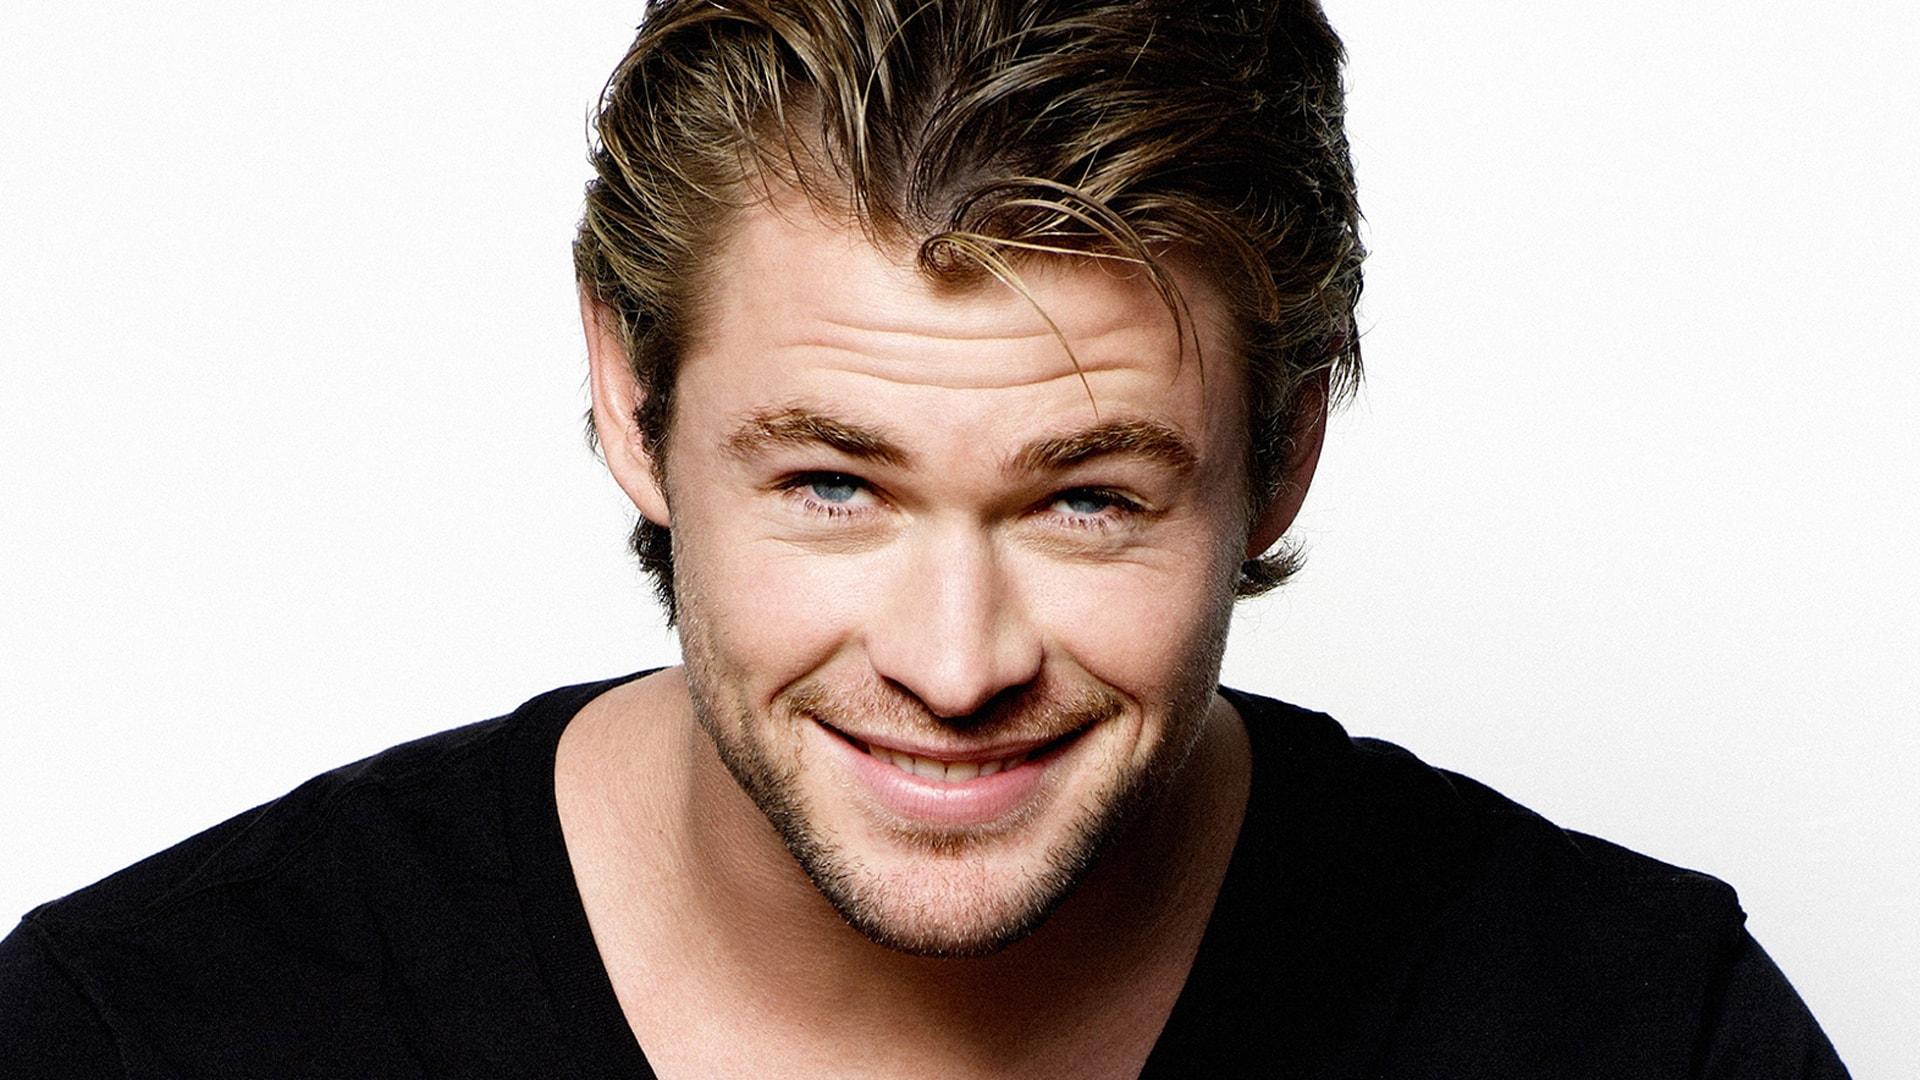 Chris Hemsworth widescreen for desktop